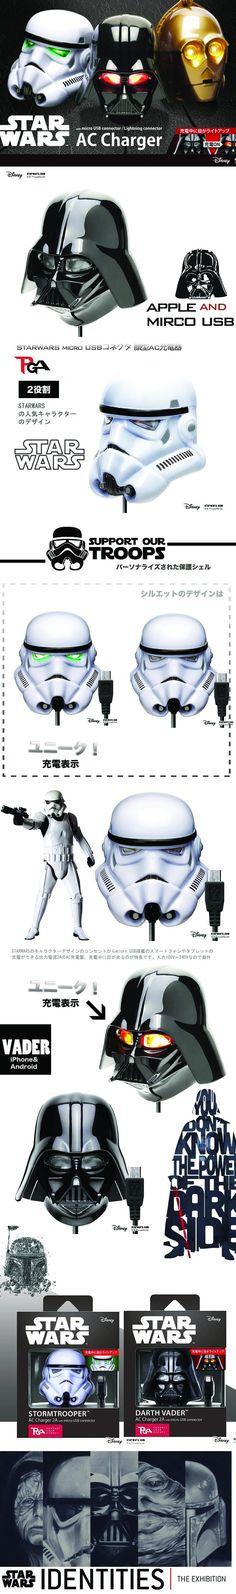 星際大戰 StarWars LED大頭充電器+Lightning充電線(Apple專用)- 黑武士-myfone 購物